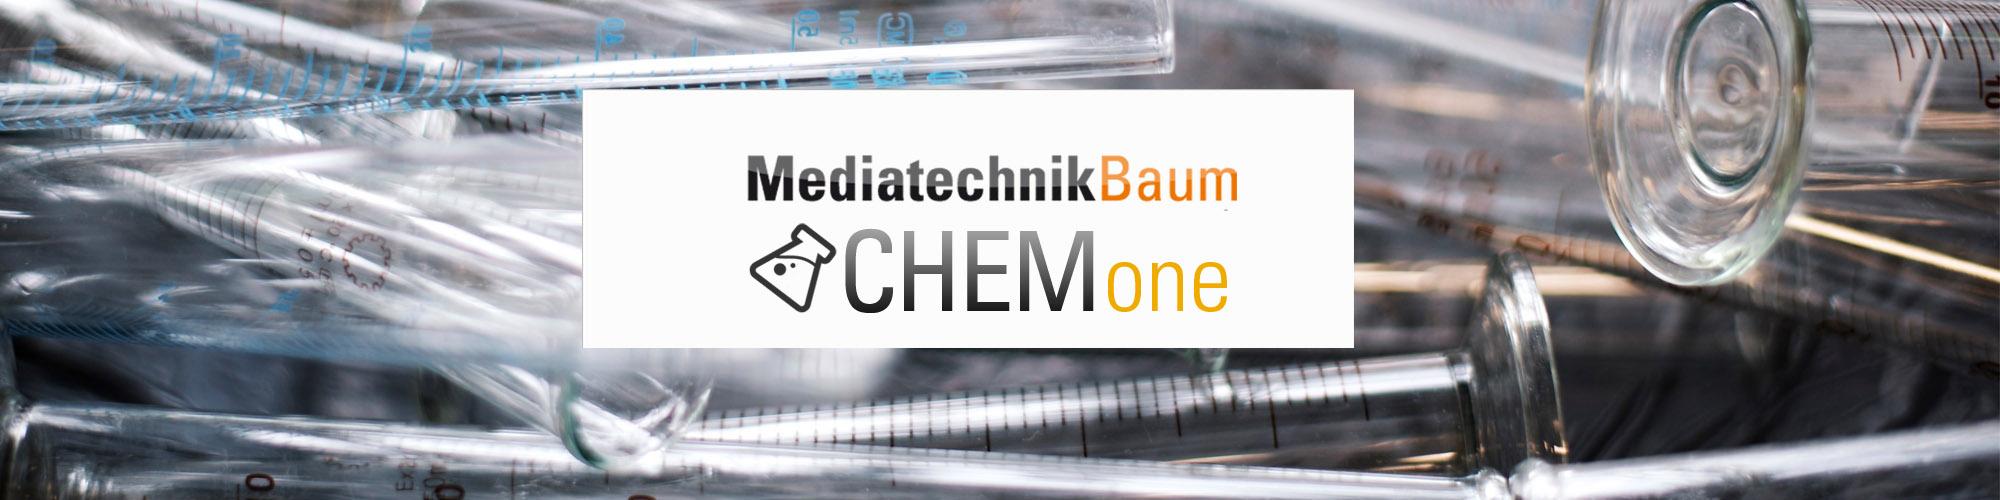 erp lösung Chemieunternehmen, branchenlösung, branchenlösung chemieindustrie, branchenlösung chemische industrie, erp lösung chemieindustrie